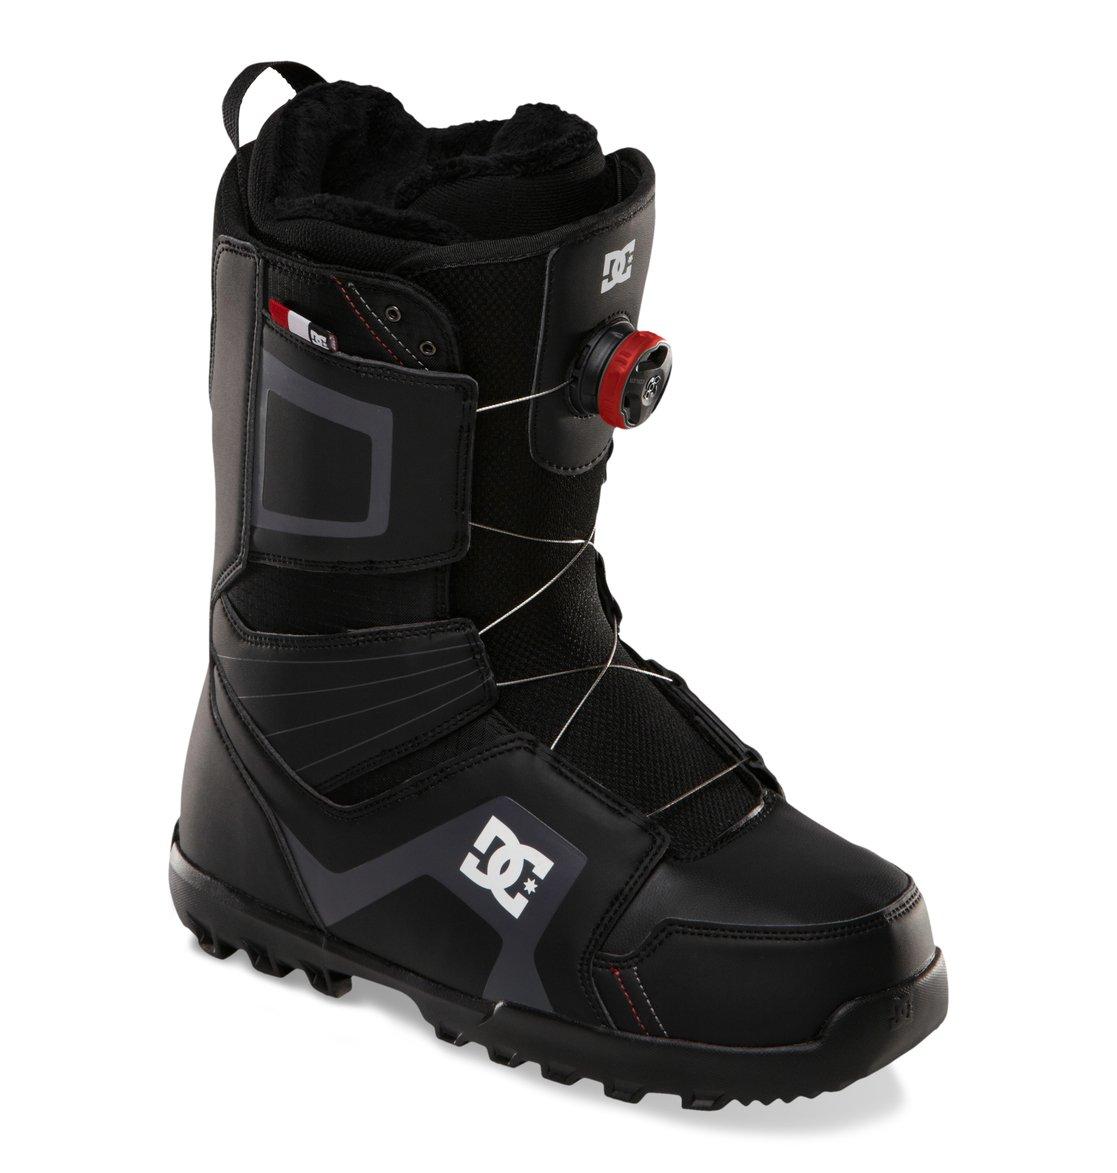 Ботинки DC Scout 13-14 Система шнуровки BOA Coiler — лучшее, что могли придумать производители сноубордических ботинок. Проблемы с креплениями просто ушли в прошлое: ты надел ботинок, совершил пару движений и уже готов к склону. Многослойная конструкция внутреннего сапога с участием специальной EVA-пены, обладающей «памятью», в сочетании с его терморегуляционной флисовой подкладкой подарит идеальную посадку сапога, комфорт и тепло. Низкопрофельная стелька дает больший контроль над доской и в то же время смягчает удары.